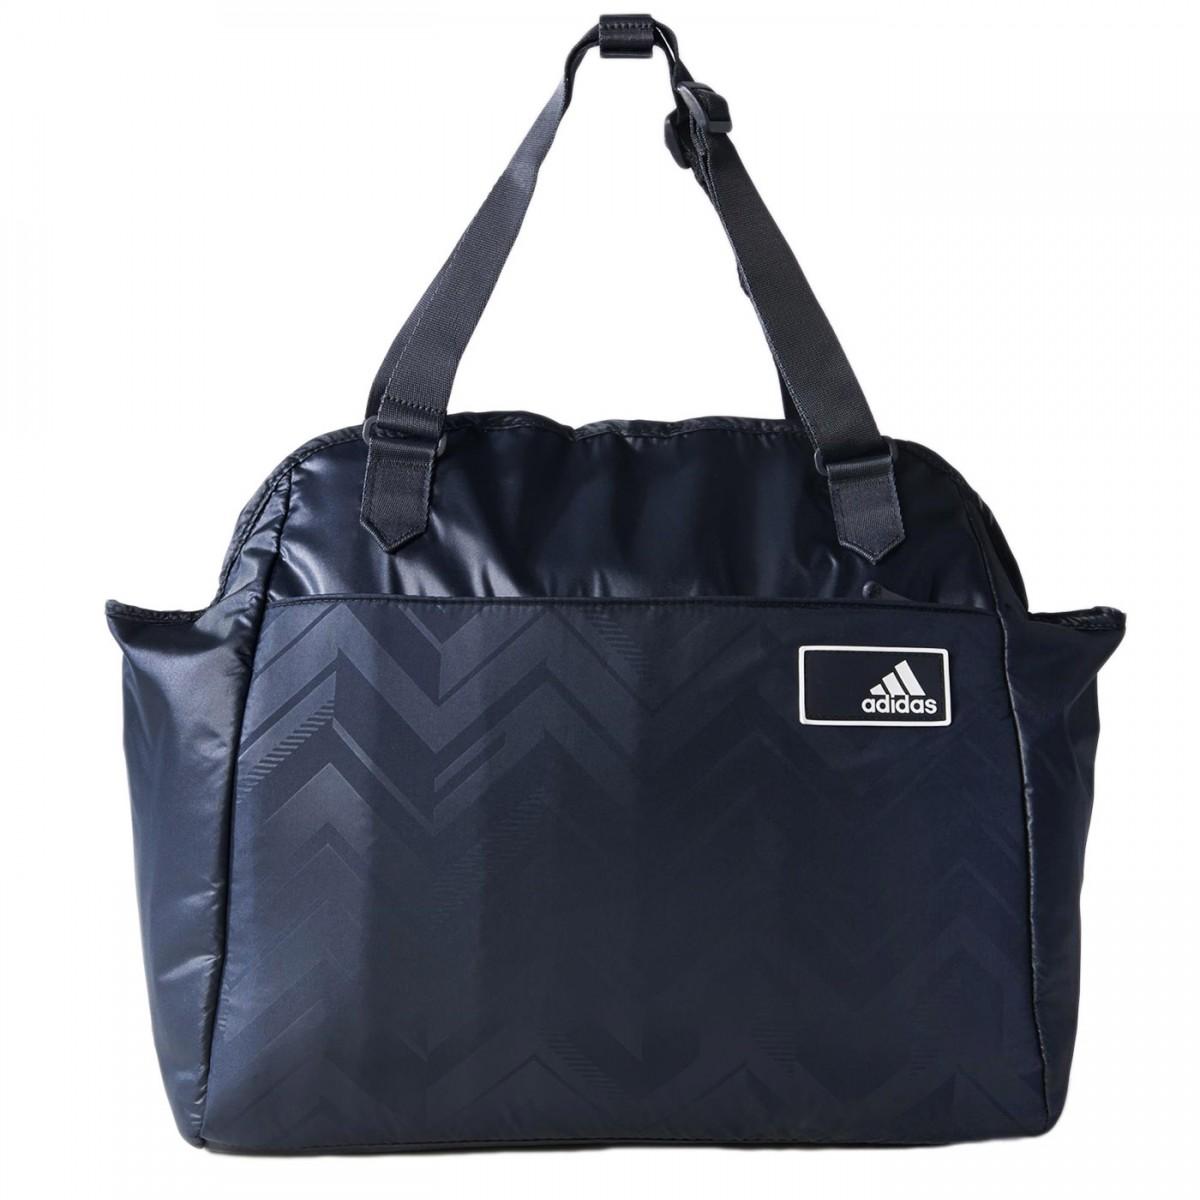 Bolsa Feminina Da Adidas : Bolsa adidas favour tote grafica w feminina treino e